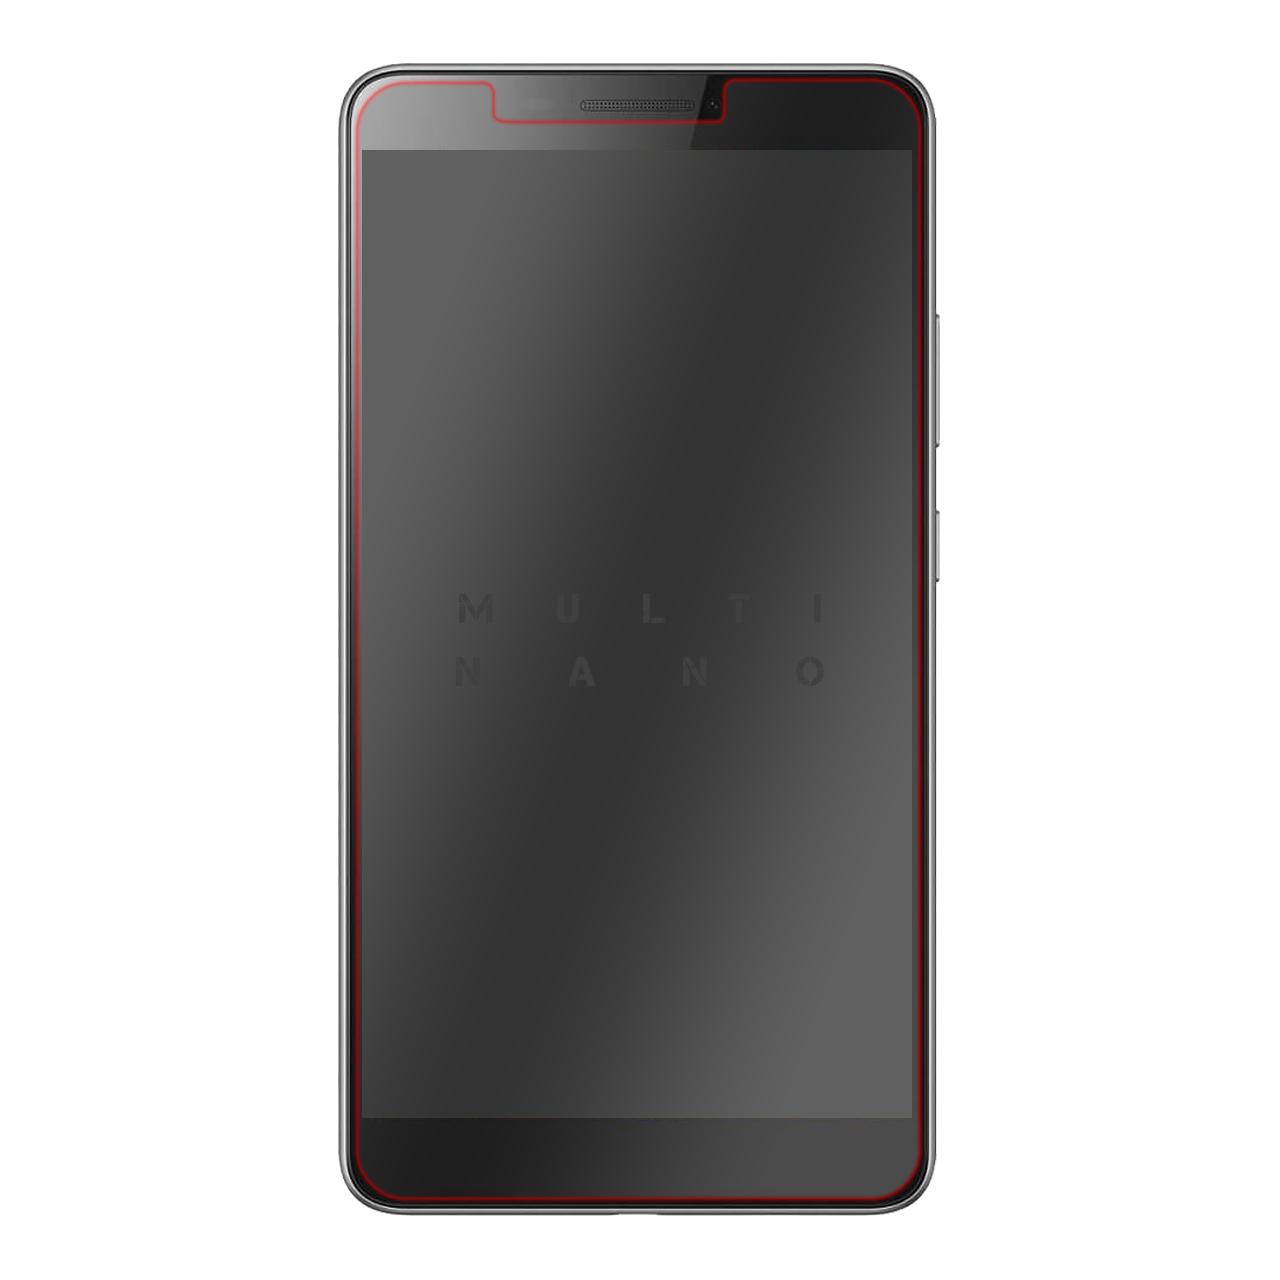 محافظ صفحه نمایش مولتی نانو مدل نانو مناسب برای تبلت لنوو  پی بی 1 / فب 750 ام